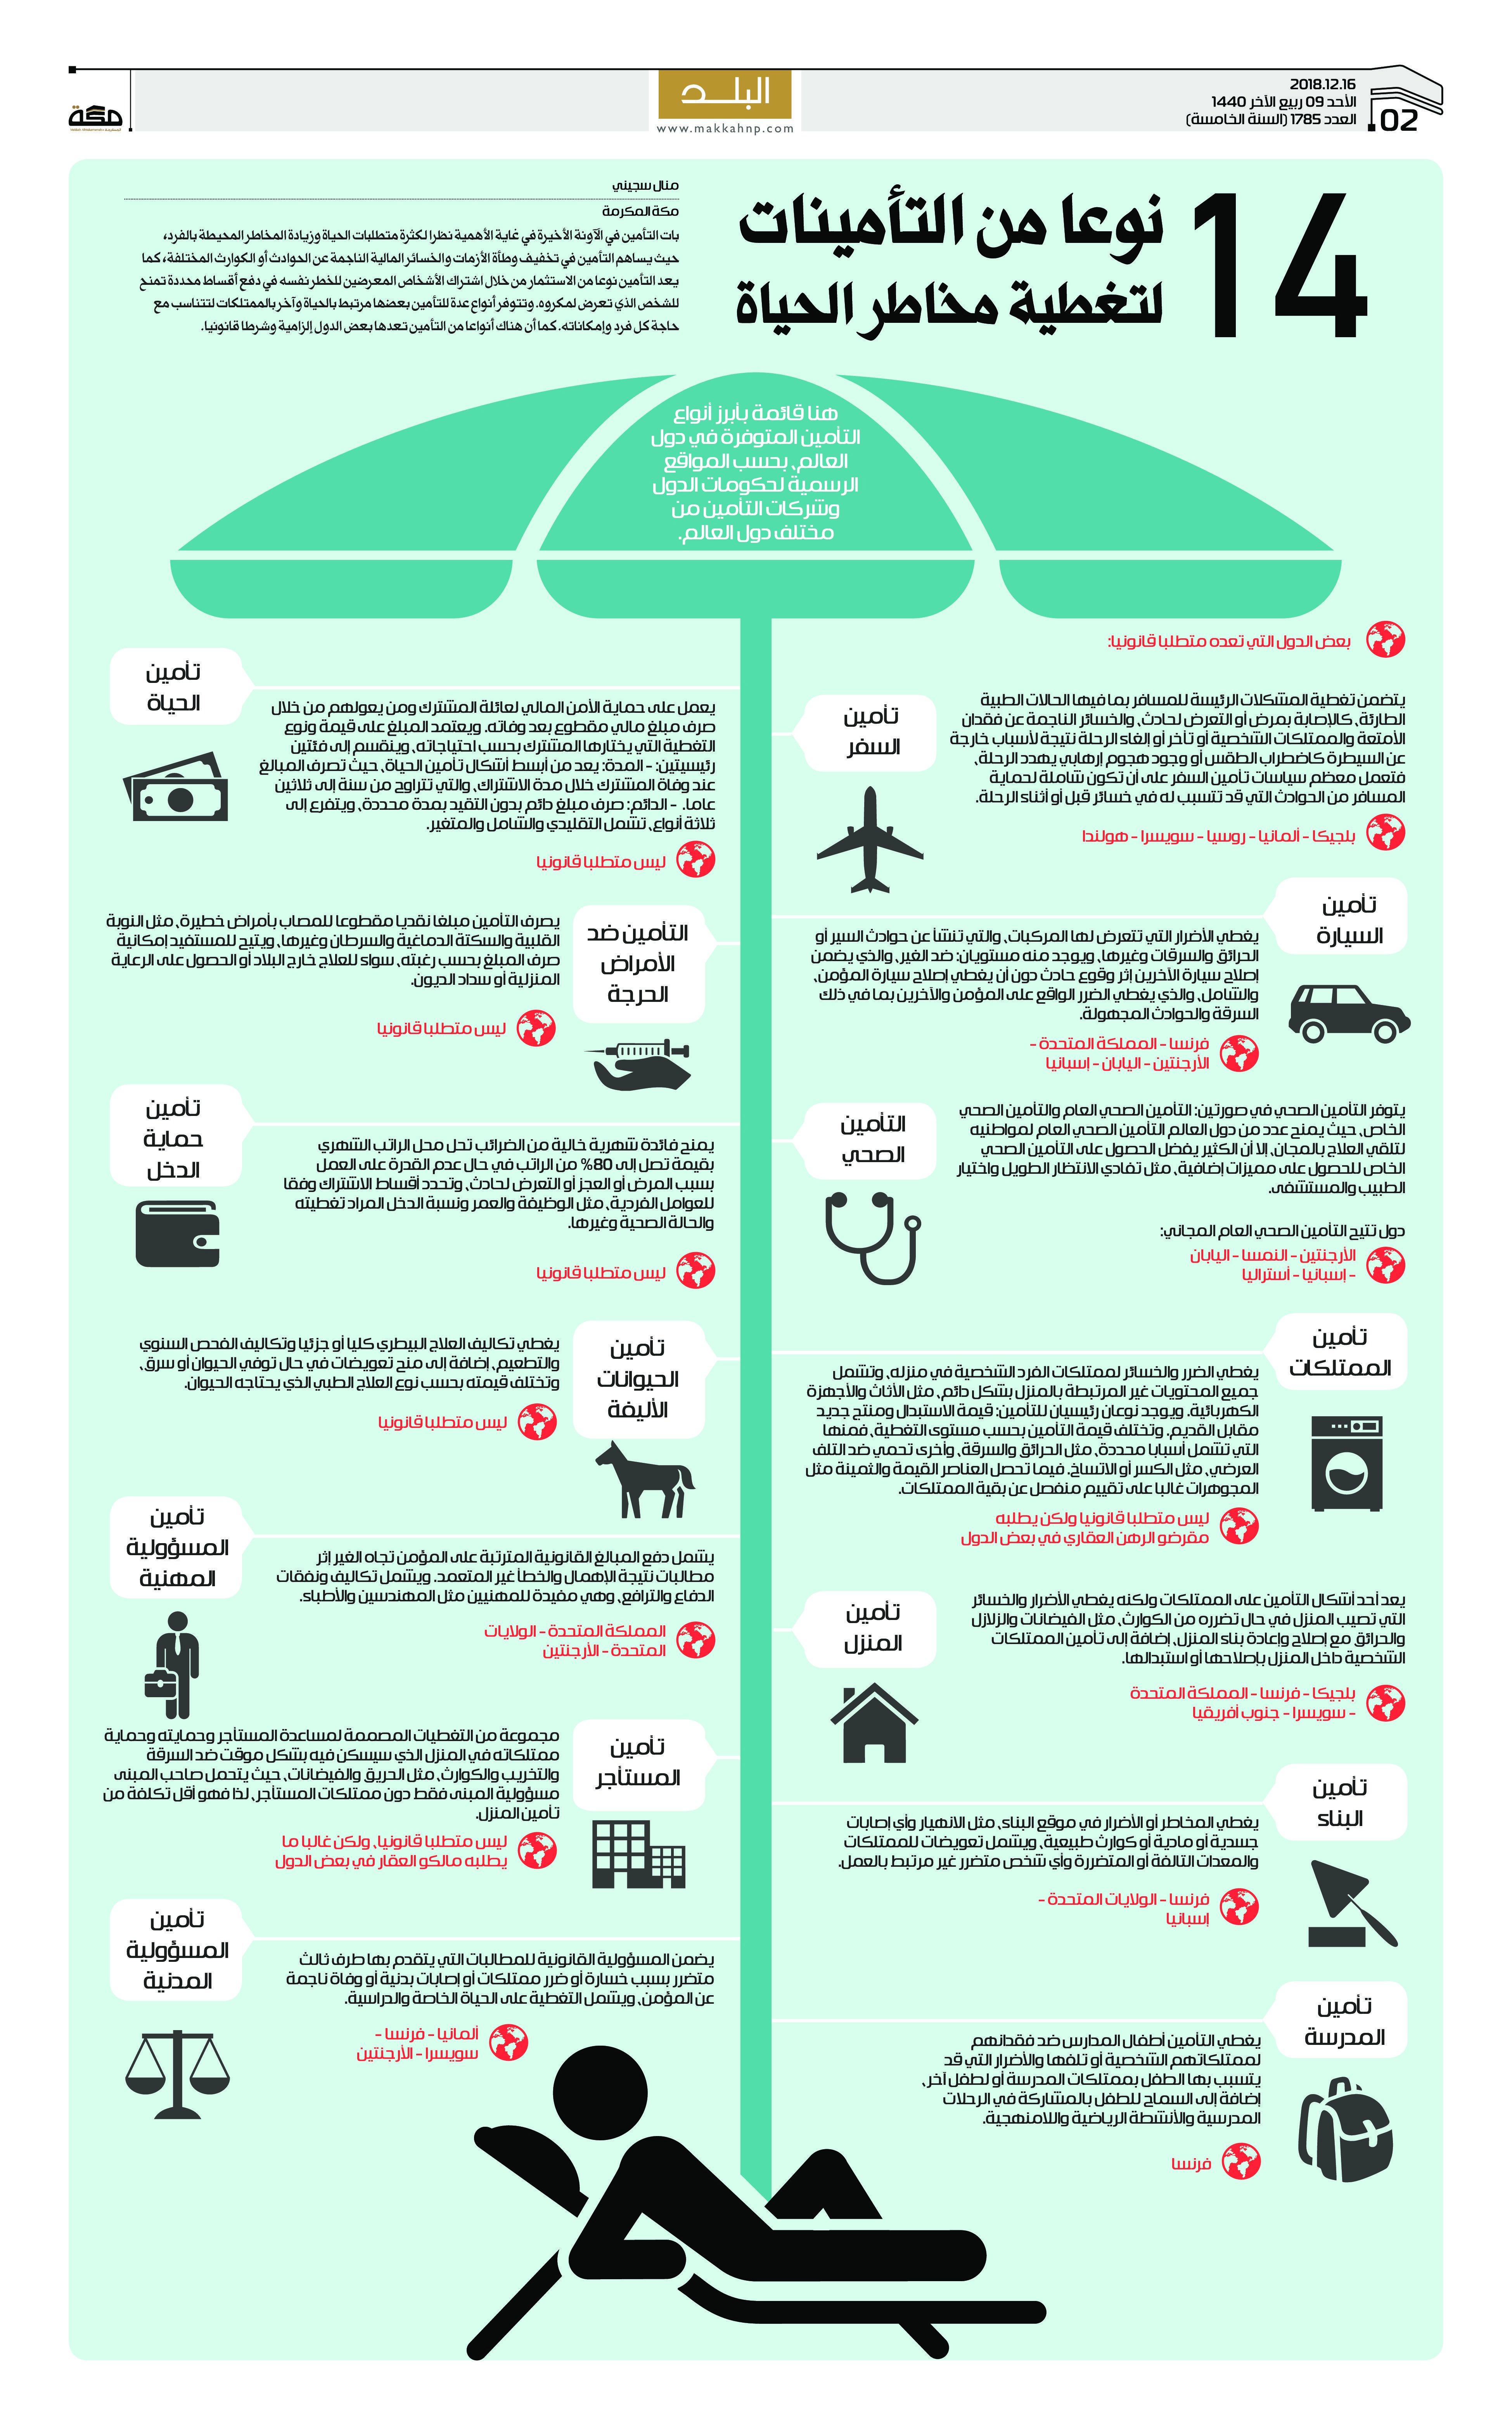 14 نوعا من التأمينات لتغطية مخاطر الحياة صحيفةـمكة انفوجرافيك تحقيقات Infographic Map